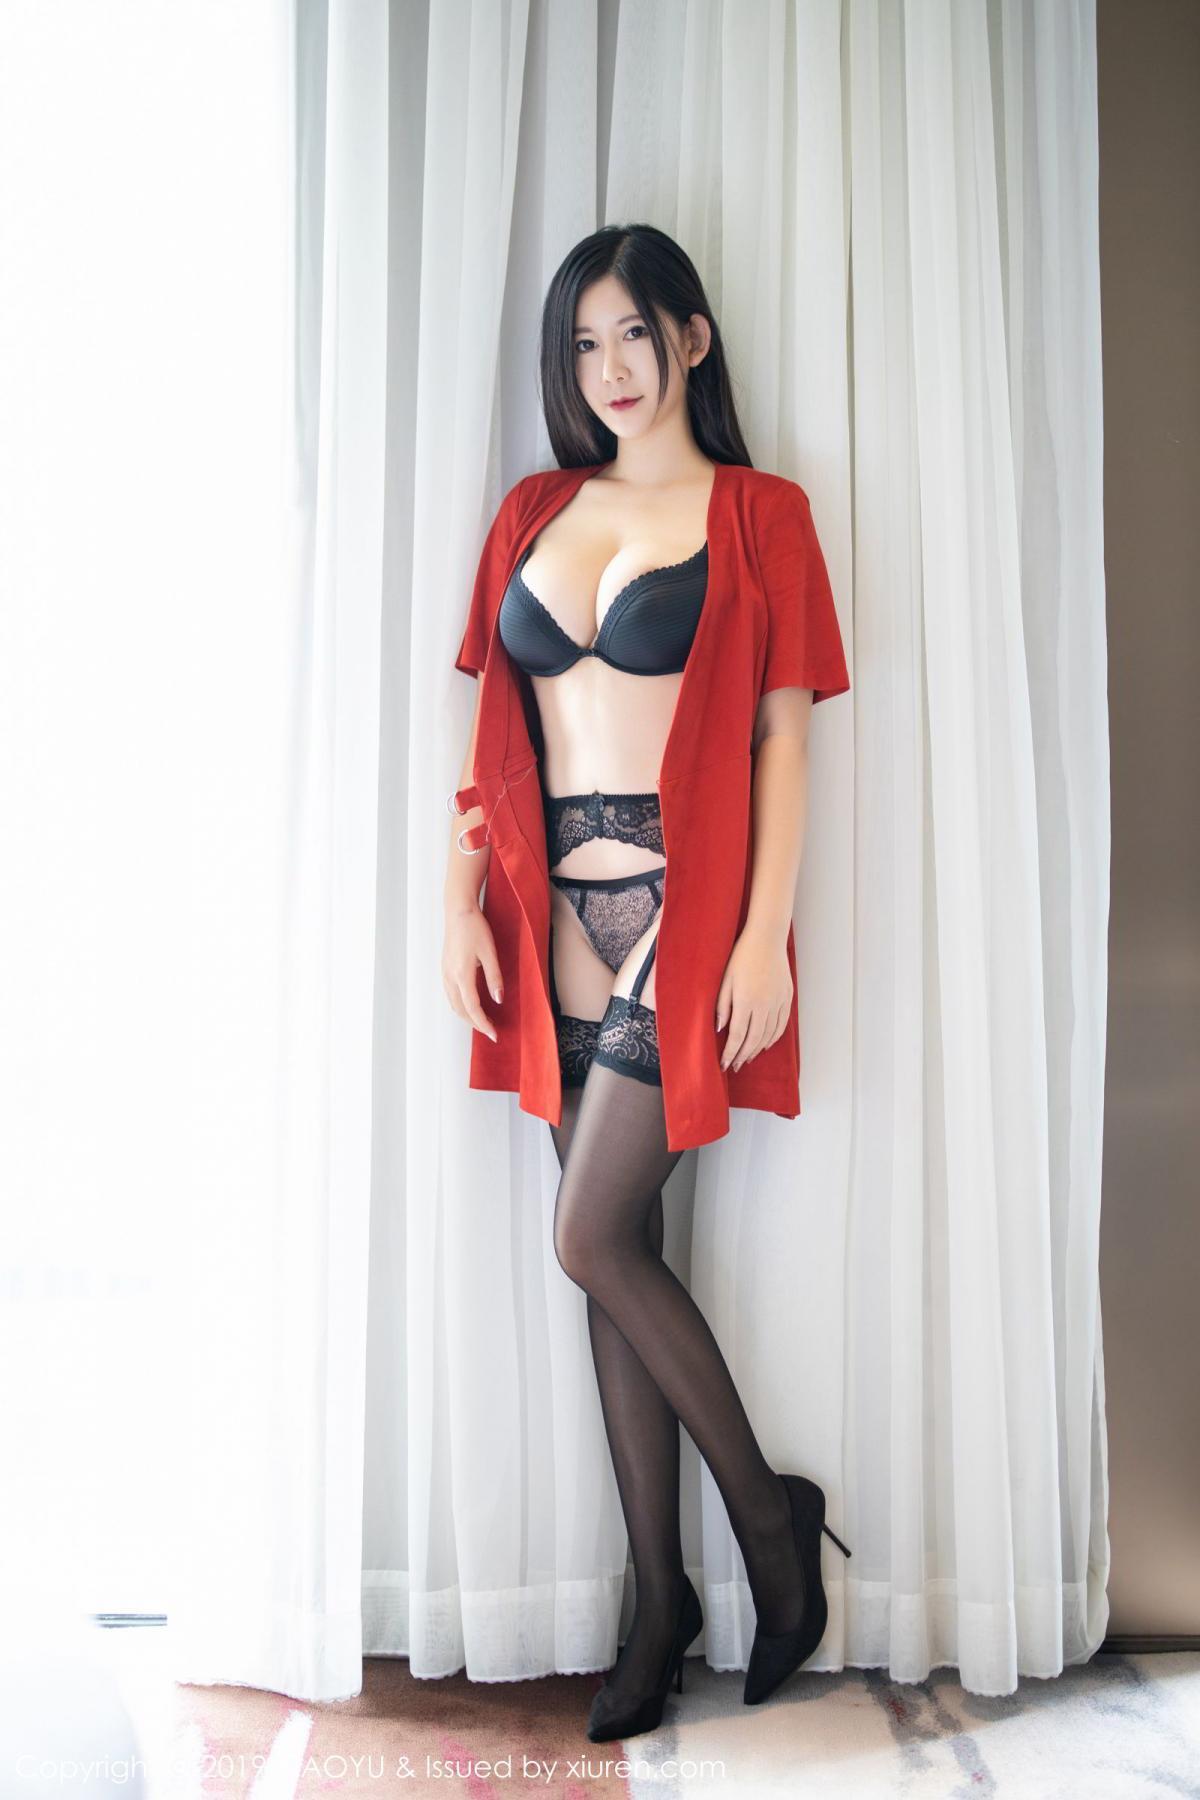 [XiaoYu] Vol.166 Li Ya 10P, Li Ya, Underwear, XiaoYu